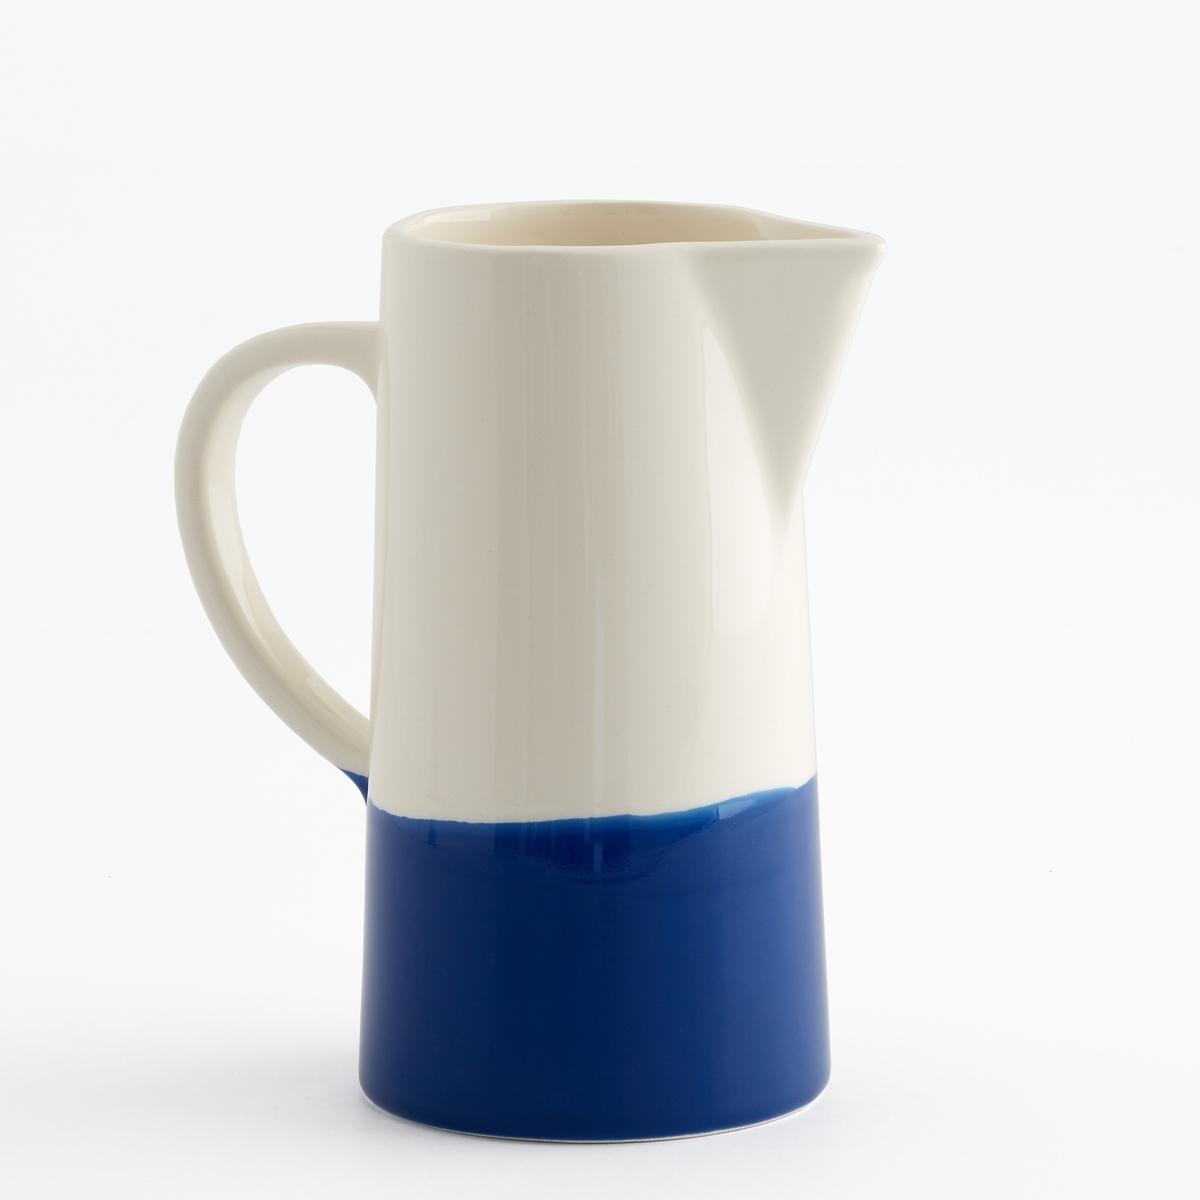 Графин двухцветный из керамики, ZalatoZalato - это изящная форма, большой объем, строгий аутентичный дизайн, расцветка из двух цветов для сочетания с Вашим внутренним интерьером. Характеристики двухцветного графина из керамики Zalato :Керамика.Размеры двухцветного графина из керамики Zalato :Высота : 15,5 см.Диаметр. внизу : 10,5 cм.Диаметр. вверху : 8,5 см.Цвета двухцветного графина из керамики Zalato :Белый / розовый.Белый / синий.Белый / зеленый. Другие графины и предметы декора стола вы можете найти на сайте laredoute.ru<br><br>Цвет: белый + зелено-голубой,белый + розовый,белый + синий индиго